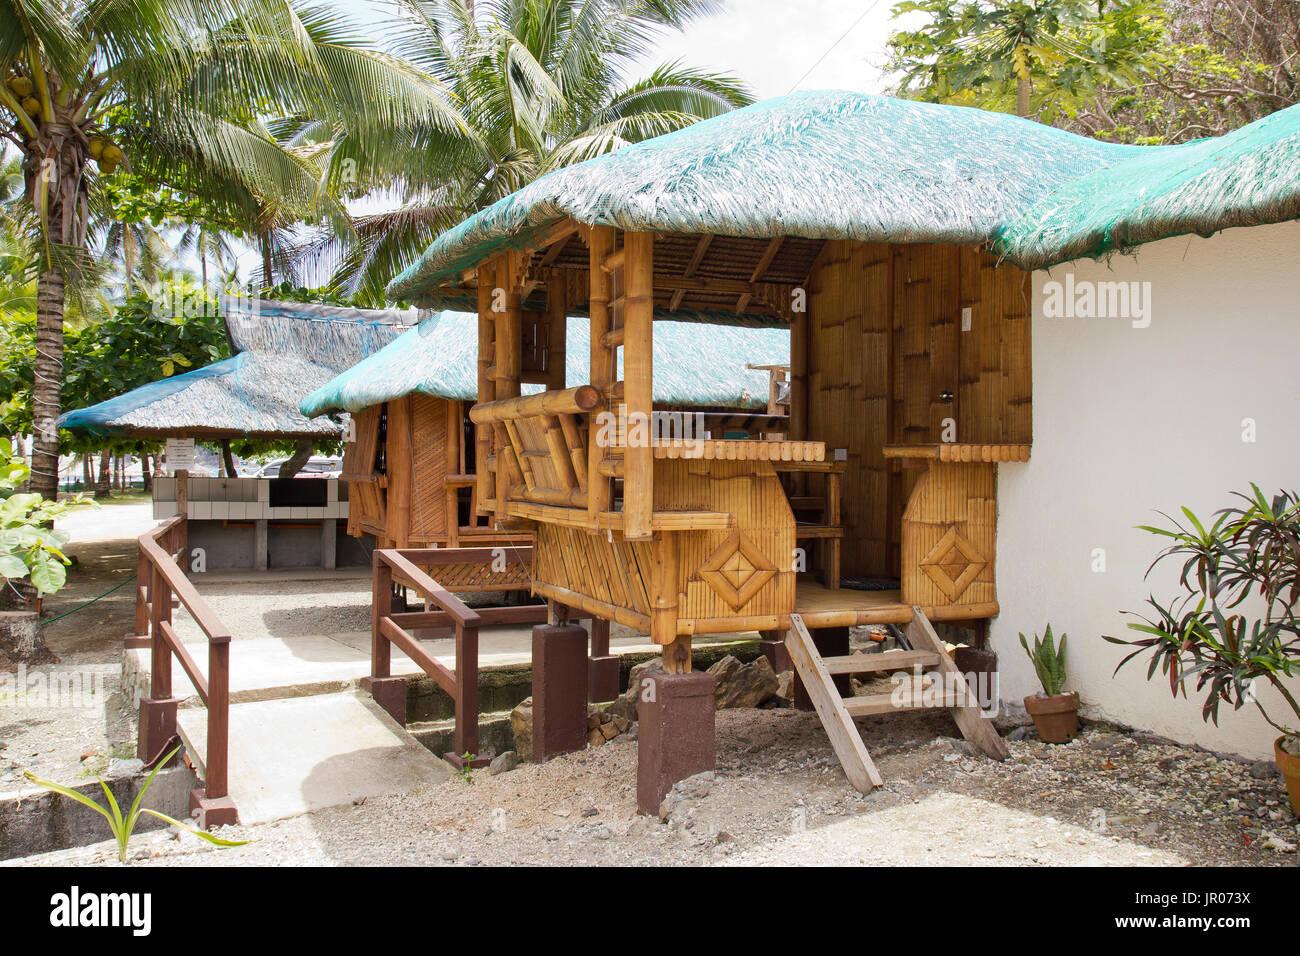 Le nipa huttes dans la ramasseuse presse des philippines nous lhébergement idéal